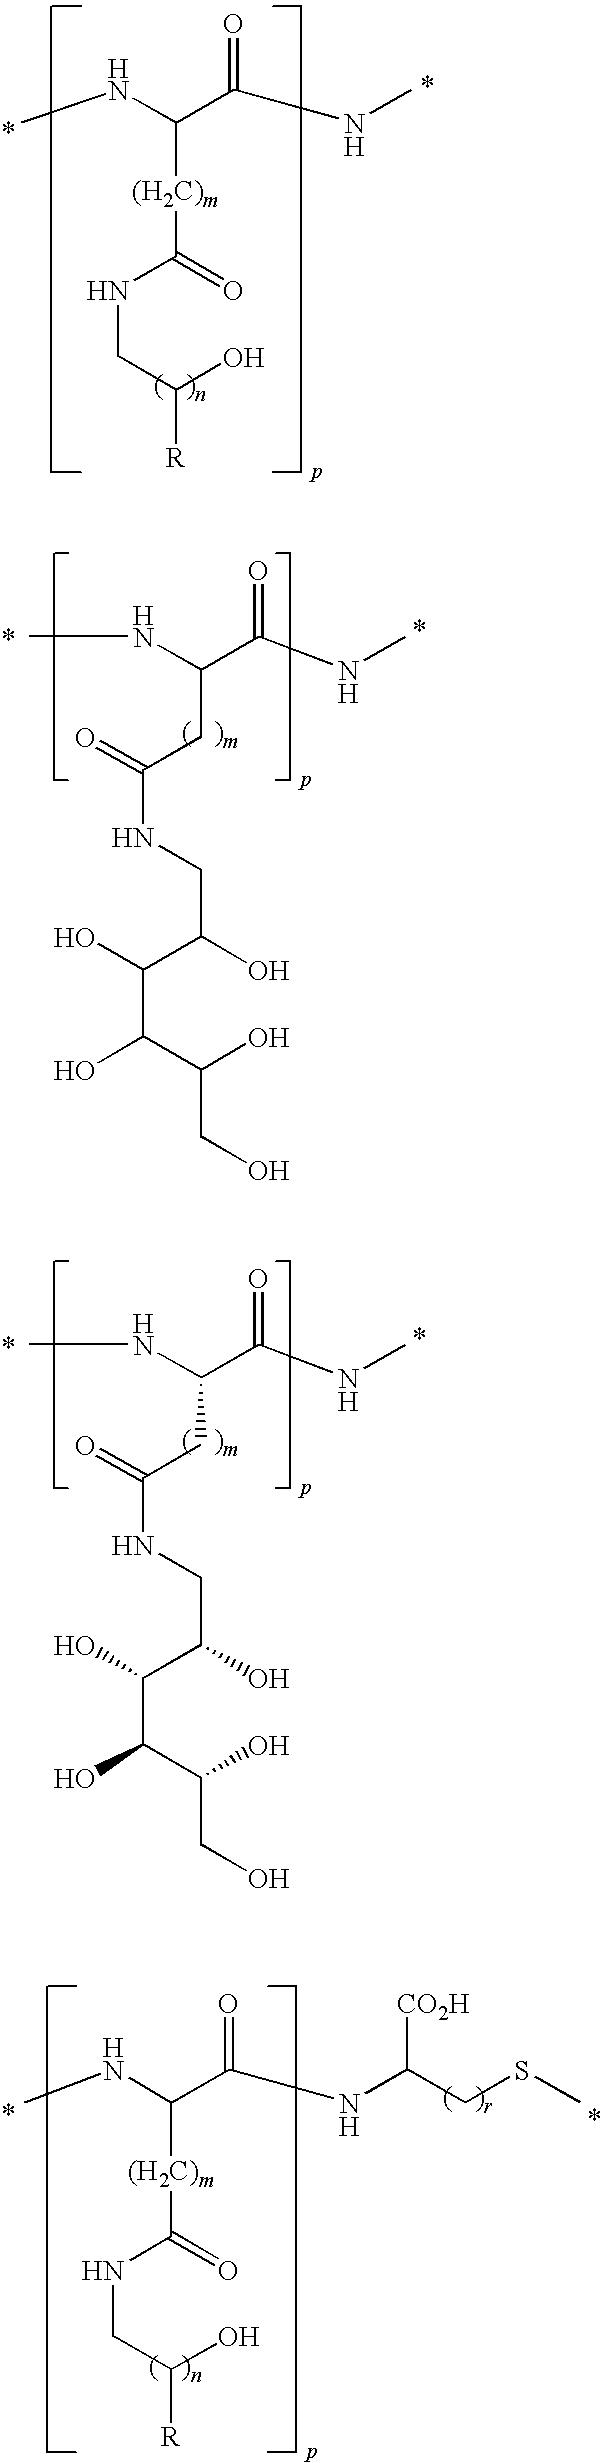 Figure US09138484-20150922-C00014